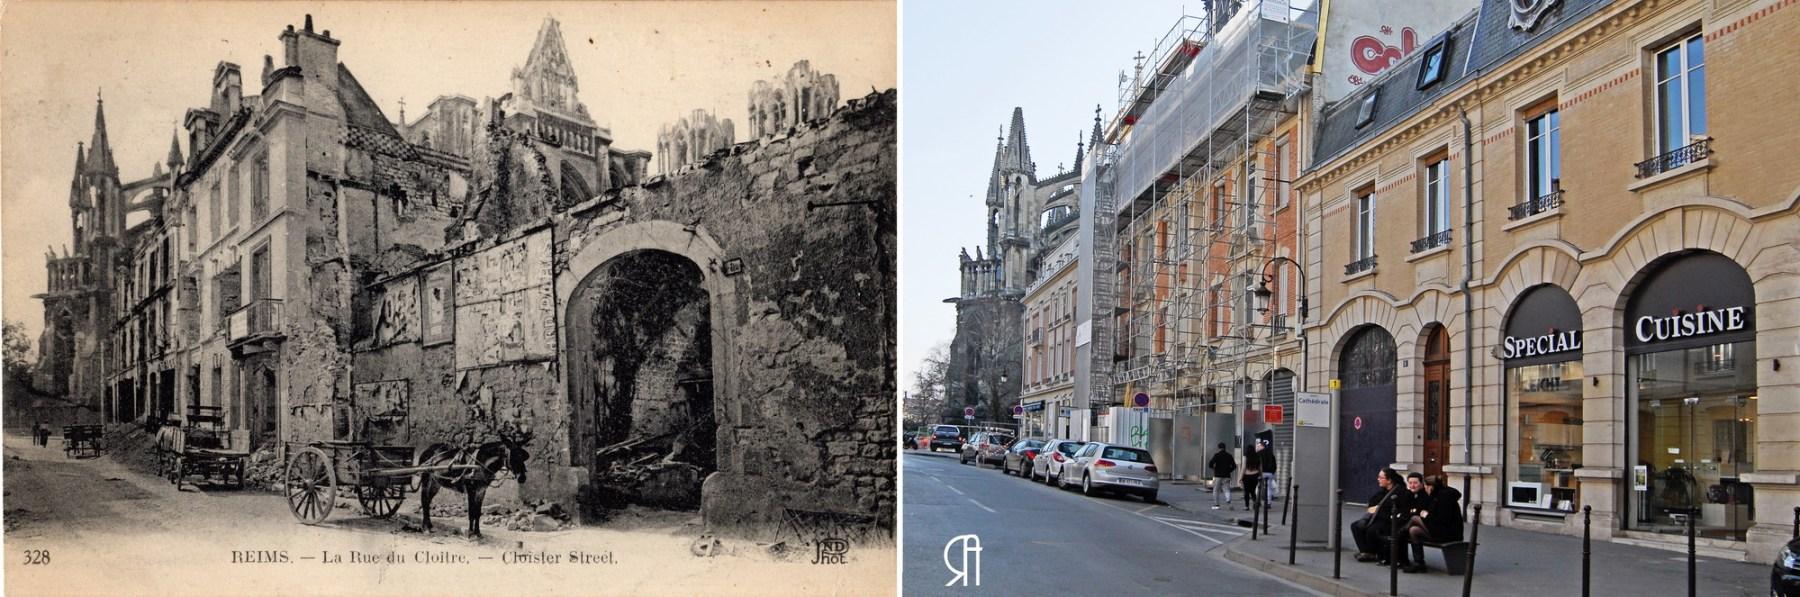 Rue du Cloitre